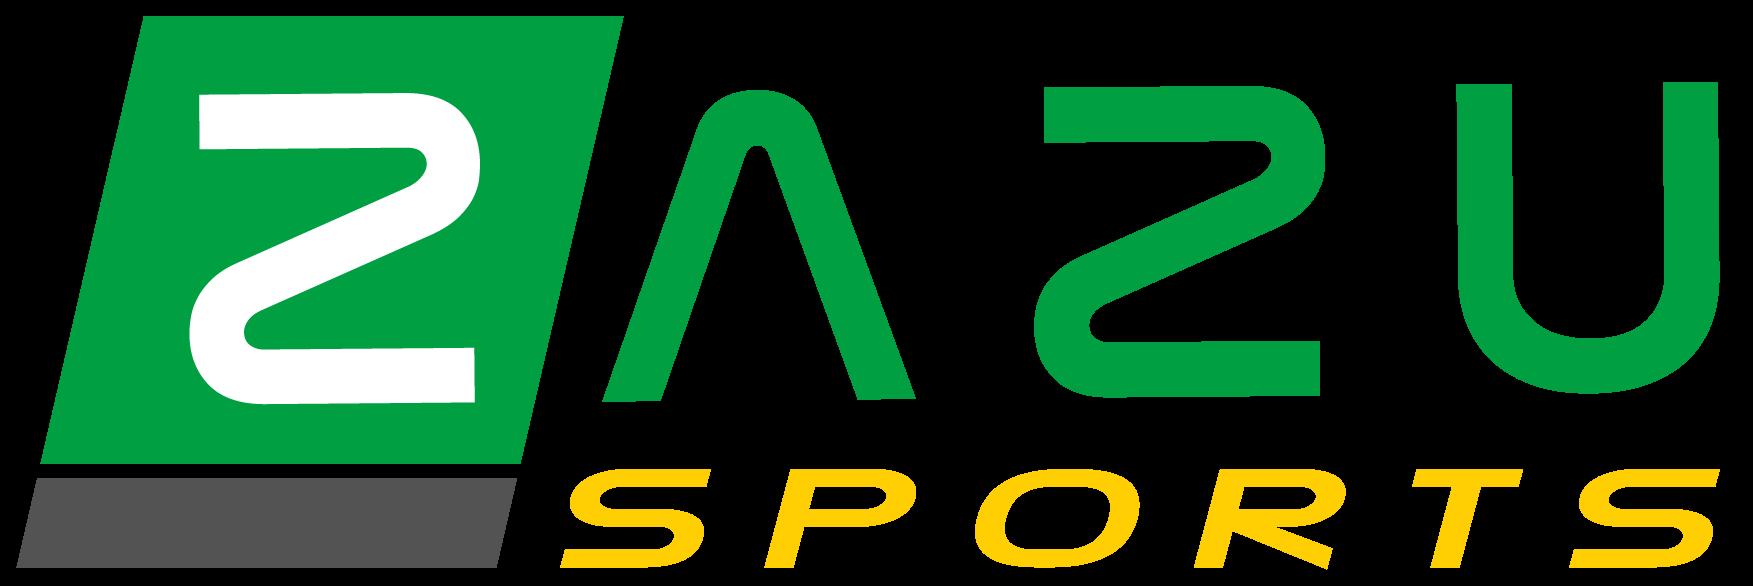 zazu_sports